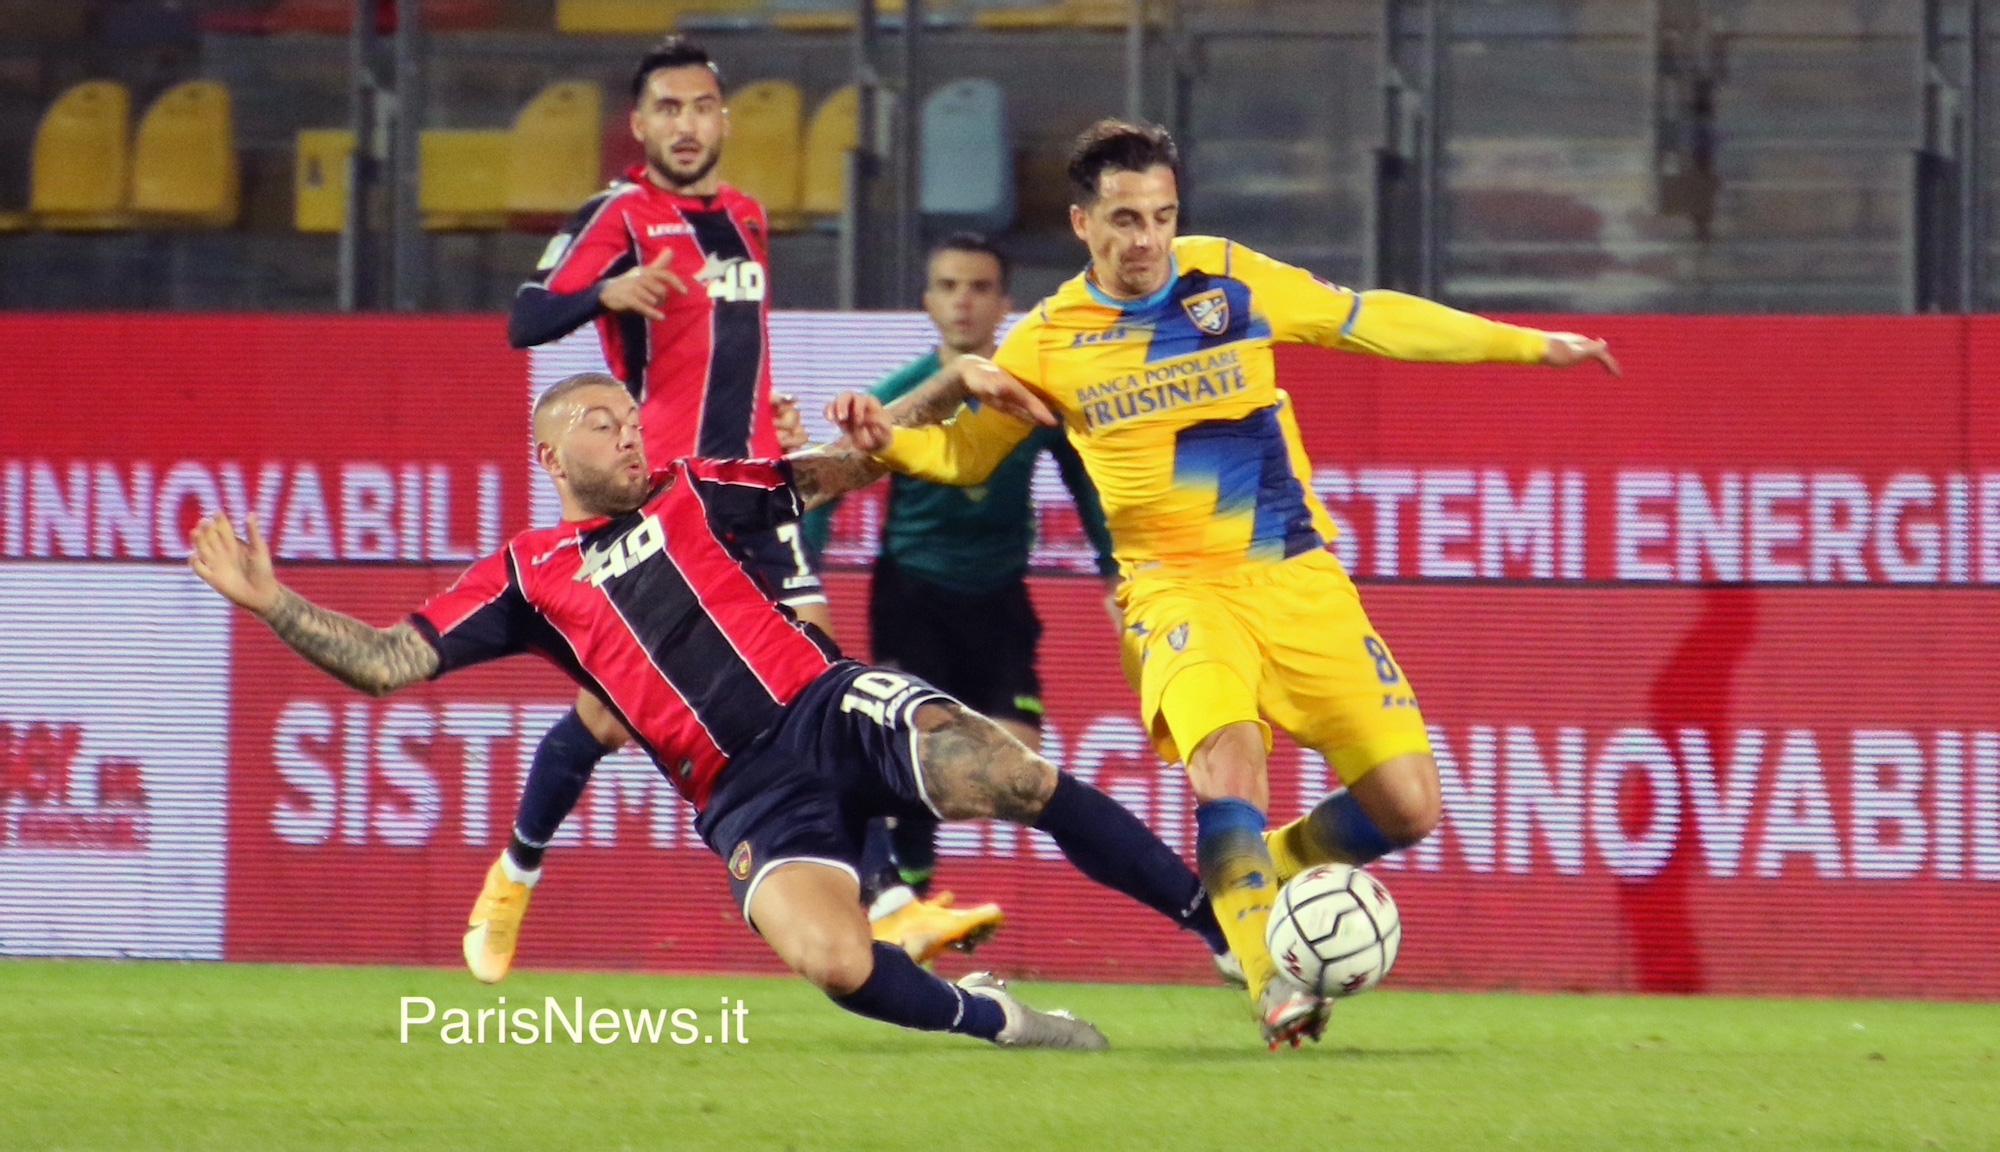 Frosinone, sconfitta interna con il Cosenza